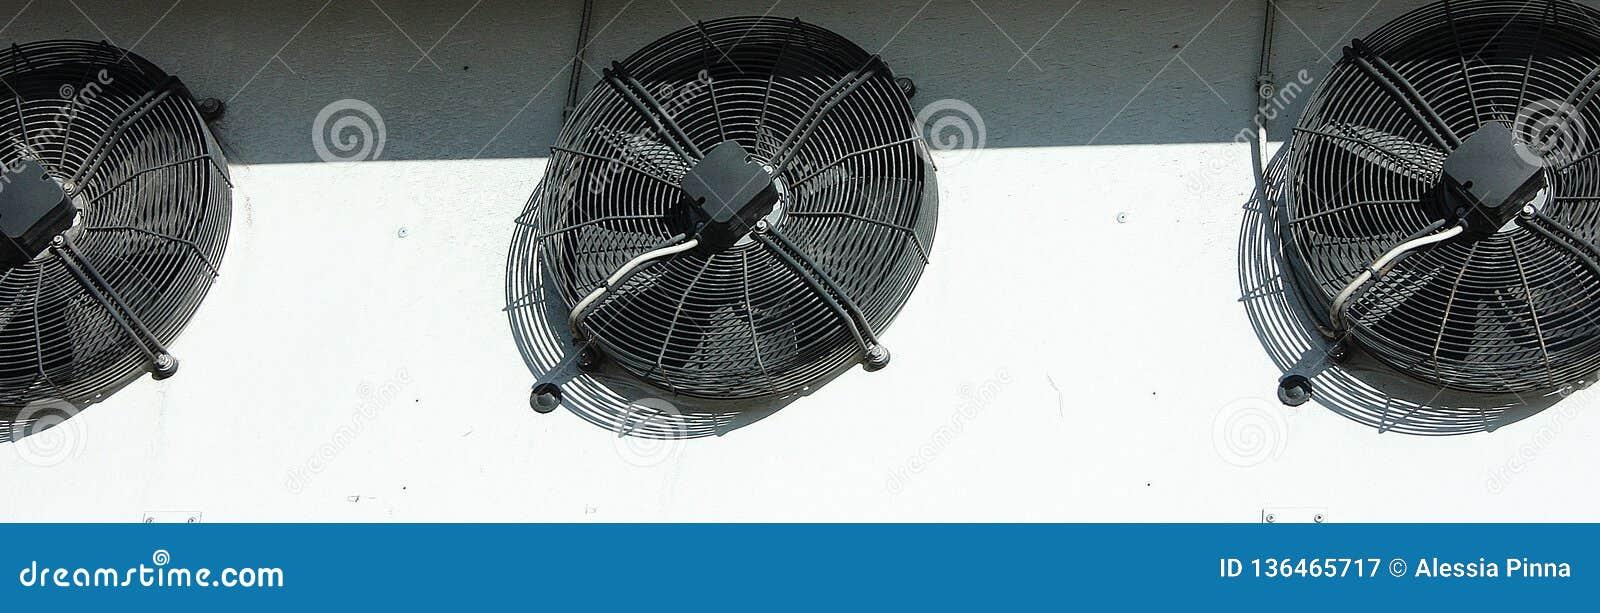 Svart ventilationssystem på en vit vägg